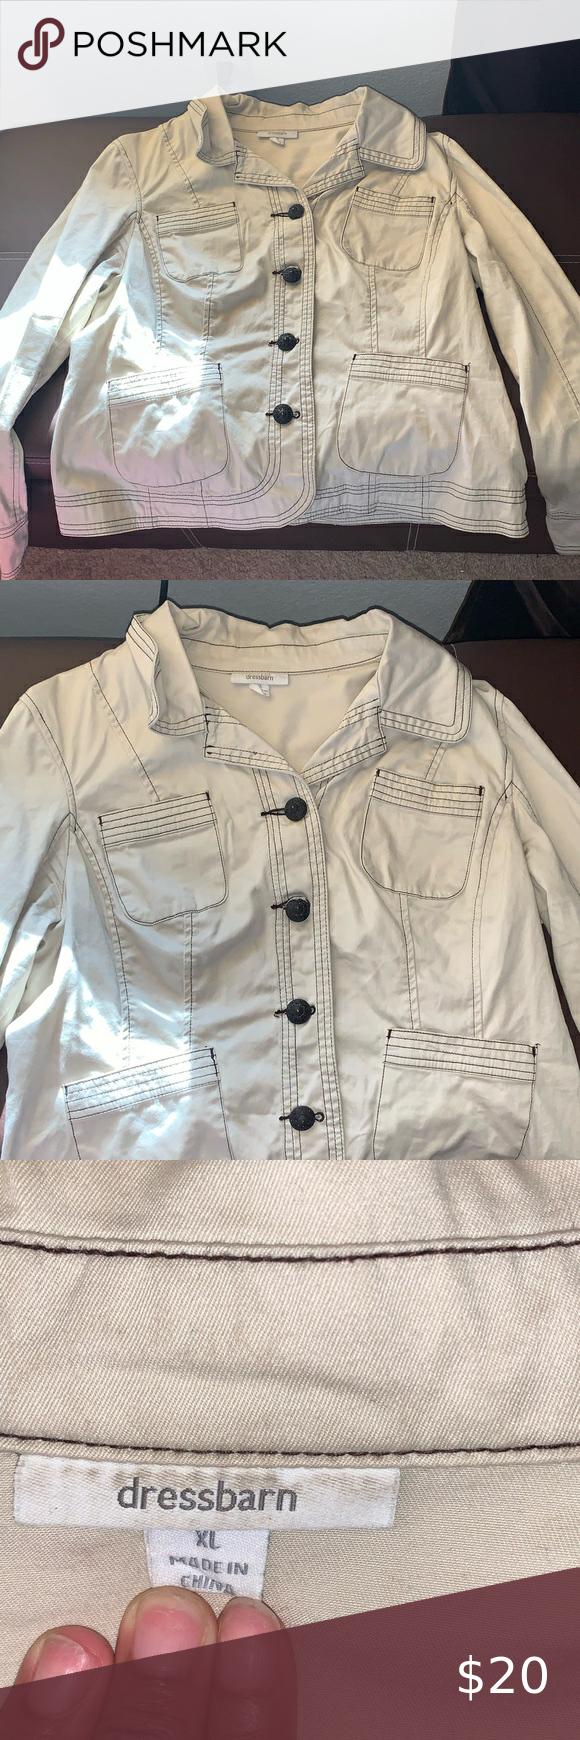 Beige Jacket Beige Jean Jacket Button Down Jackets Coats Jean Jackets In 2020 Beige Jacket Jackets For Women Jackets [ 1740 x 580 Pixel ]